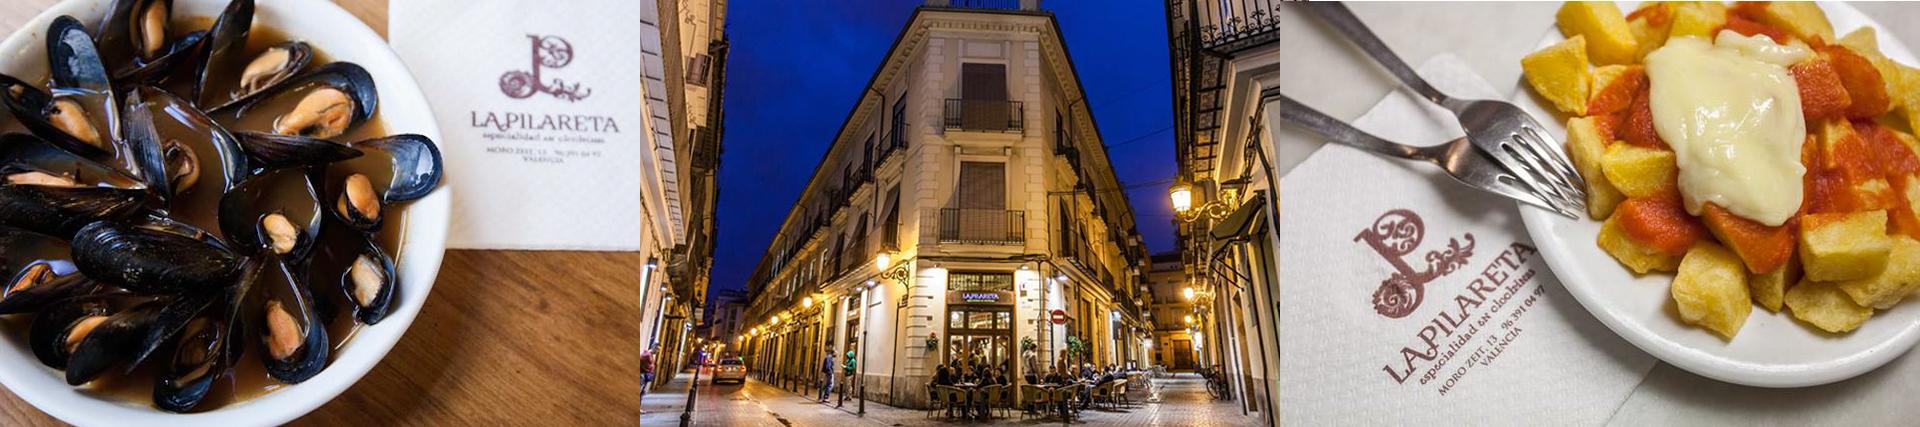 La Pilareta (Bar Pilar) 2